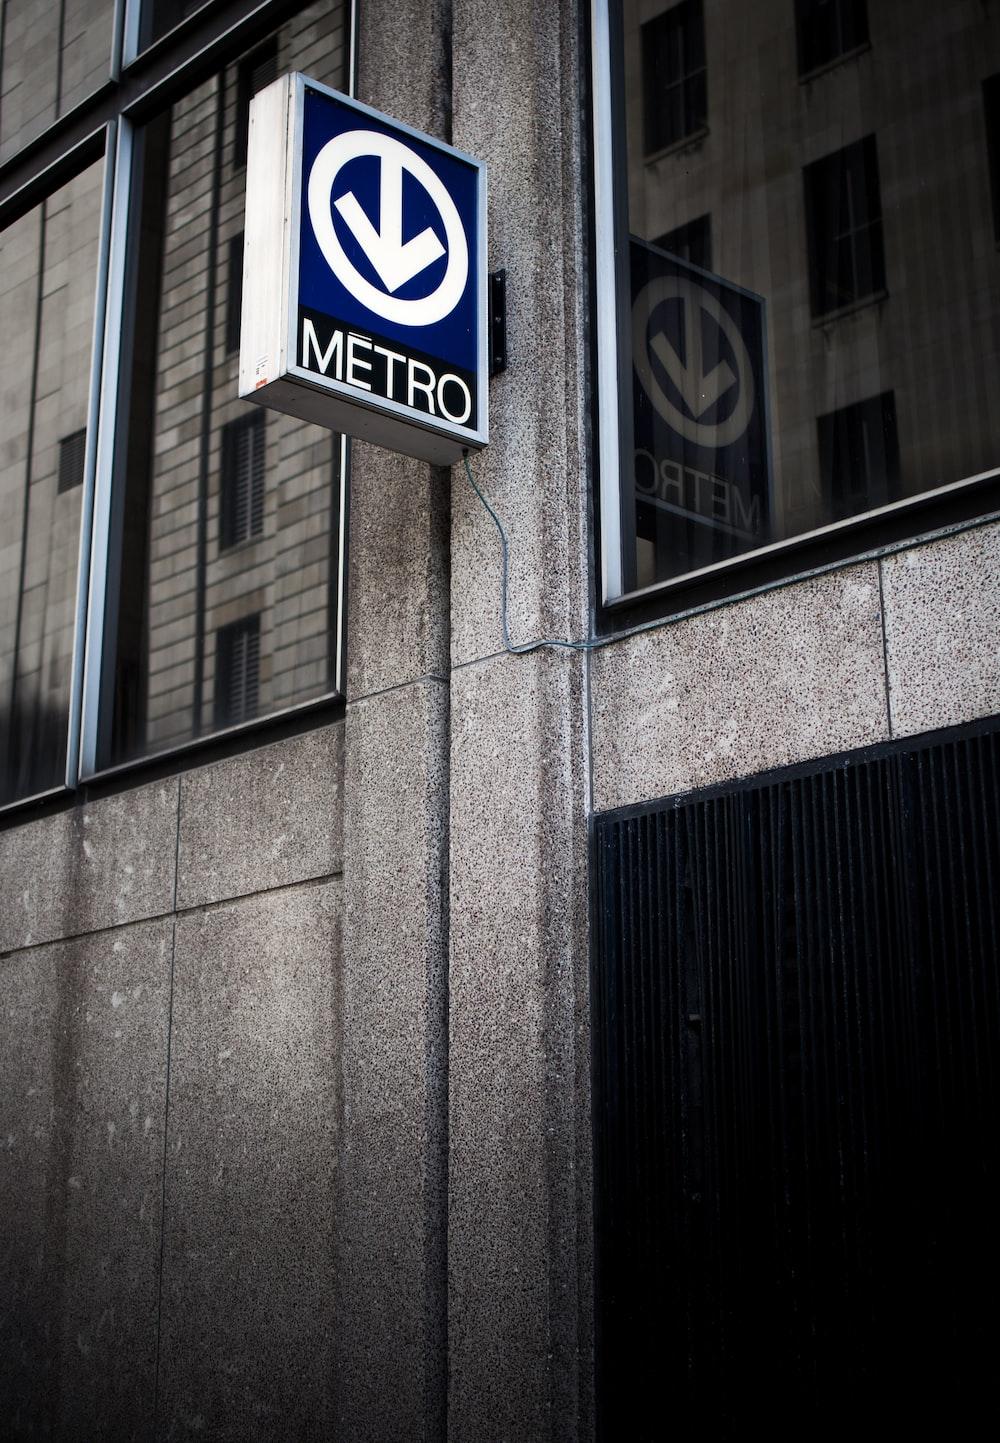 blue and white Metro signage